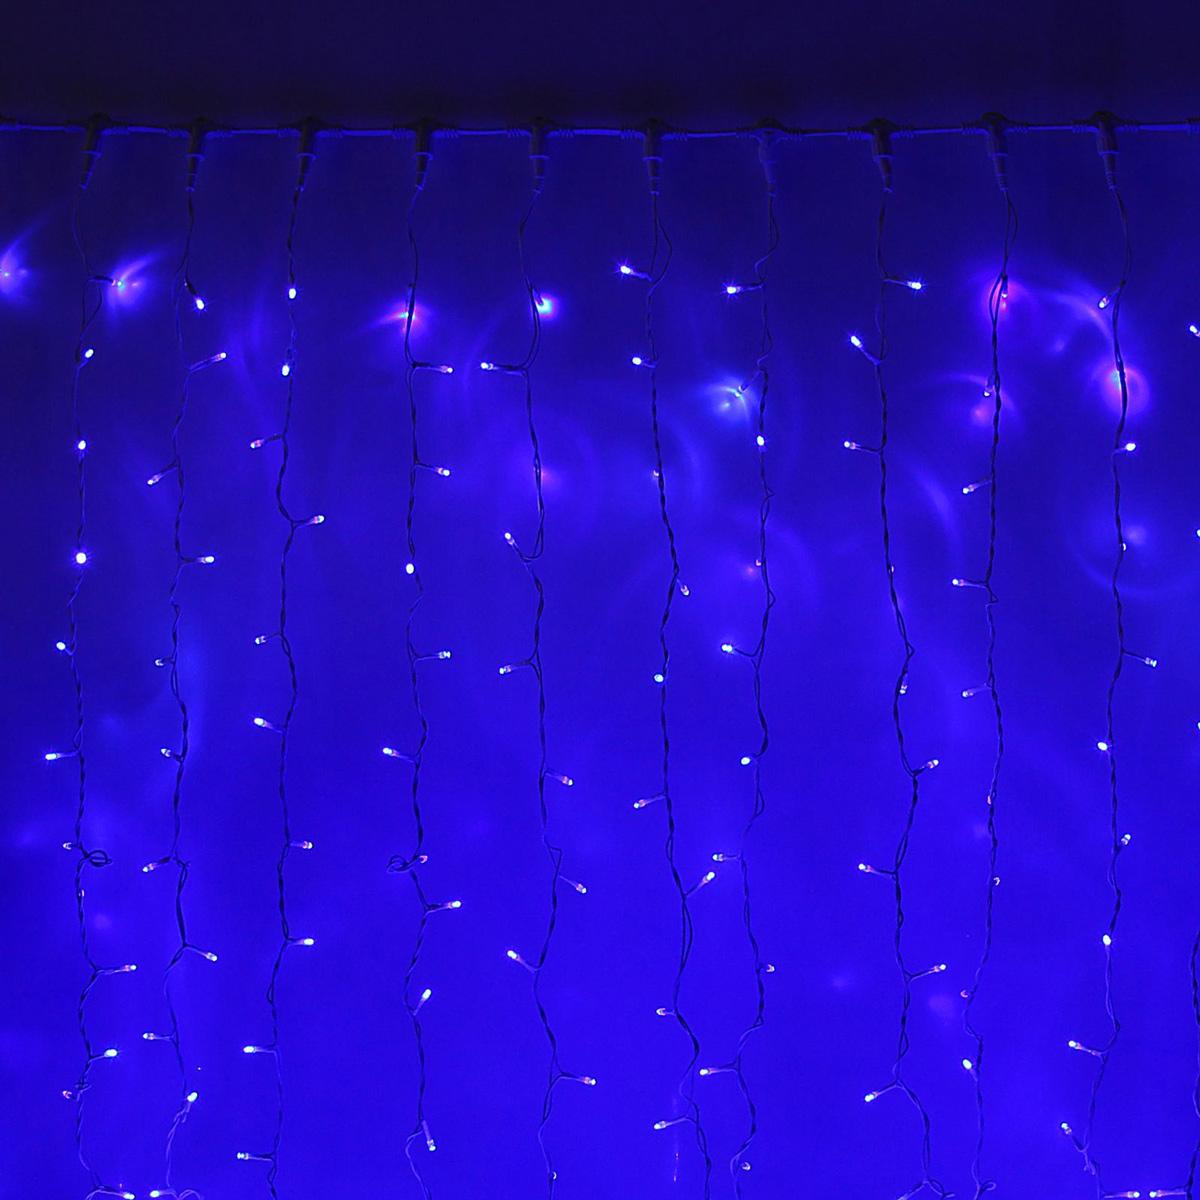 Гирлянда светодиодная Luazon Занавес, цвет: синий, уличная, 760 ламп, 220 V, 2 х 3 м. 10802271080227Светодиодные гирлянды и ленты — это отличный вариант для новогоднего оформления интерьера или фасада. С их помощью помещение любого размера можно превратить в праздничный зал, а внешние элементы зданий, украшенные ими, мгновенно станут напоминать очертания сказочного дворца. Такие украшения создают ауру предвкушения чуда. Деревья, фасады, витрины, окна и арки будто специально созданы, чтобы вы украсили их светящимися нитями.